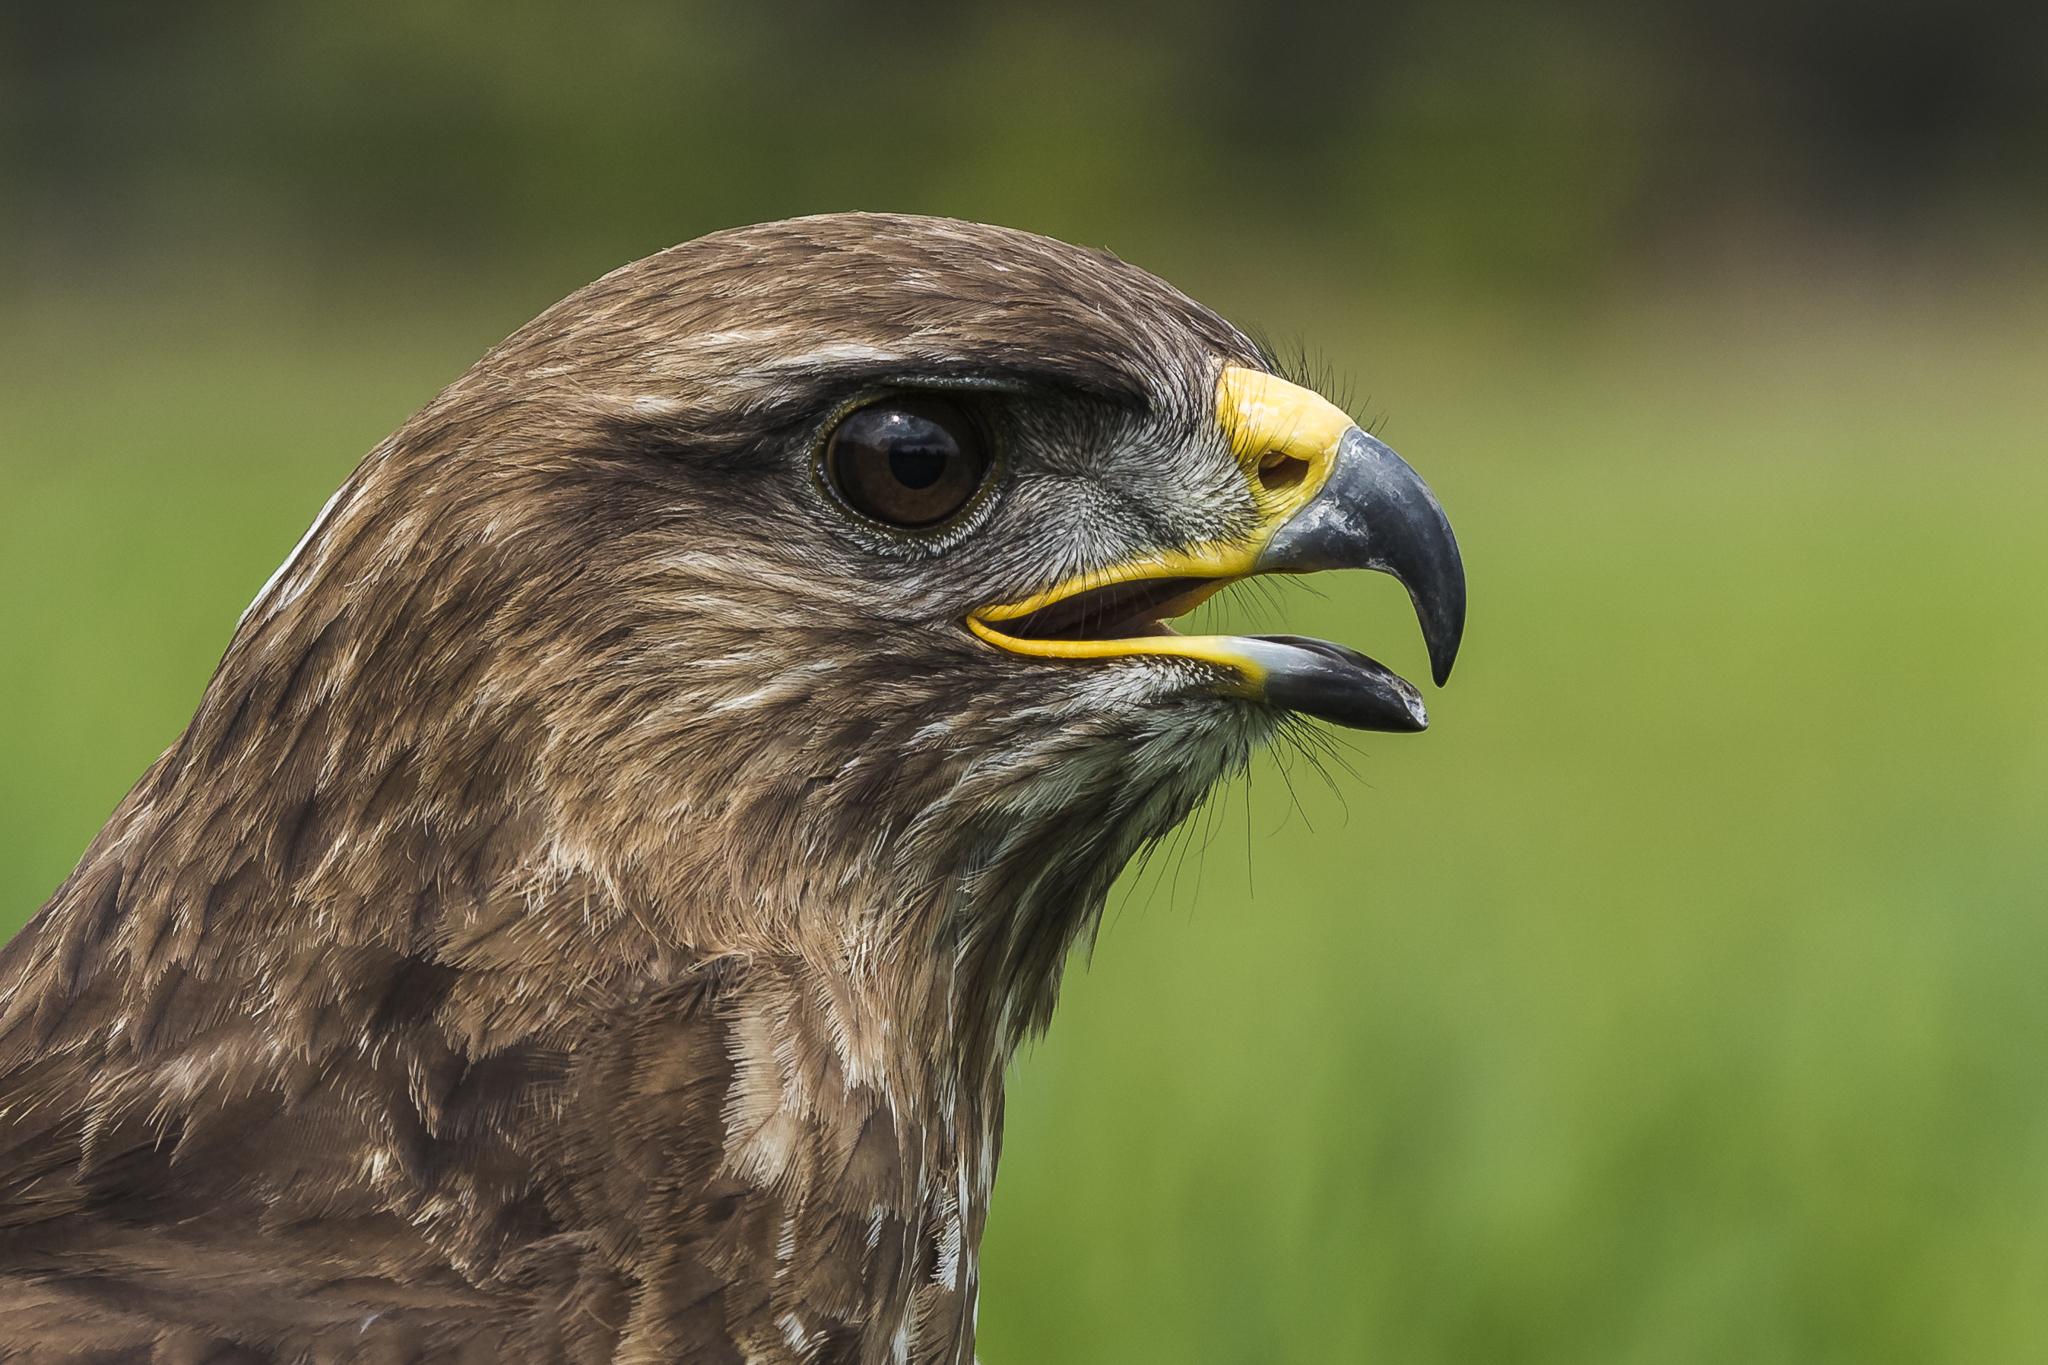 Birds of prey in Noord-Brabant (Netherlands), Netherlands